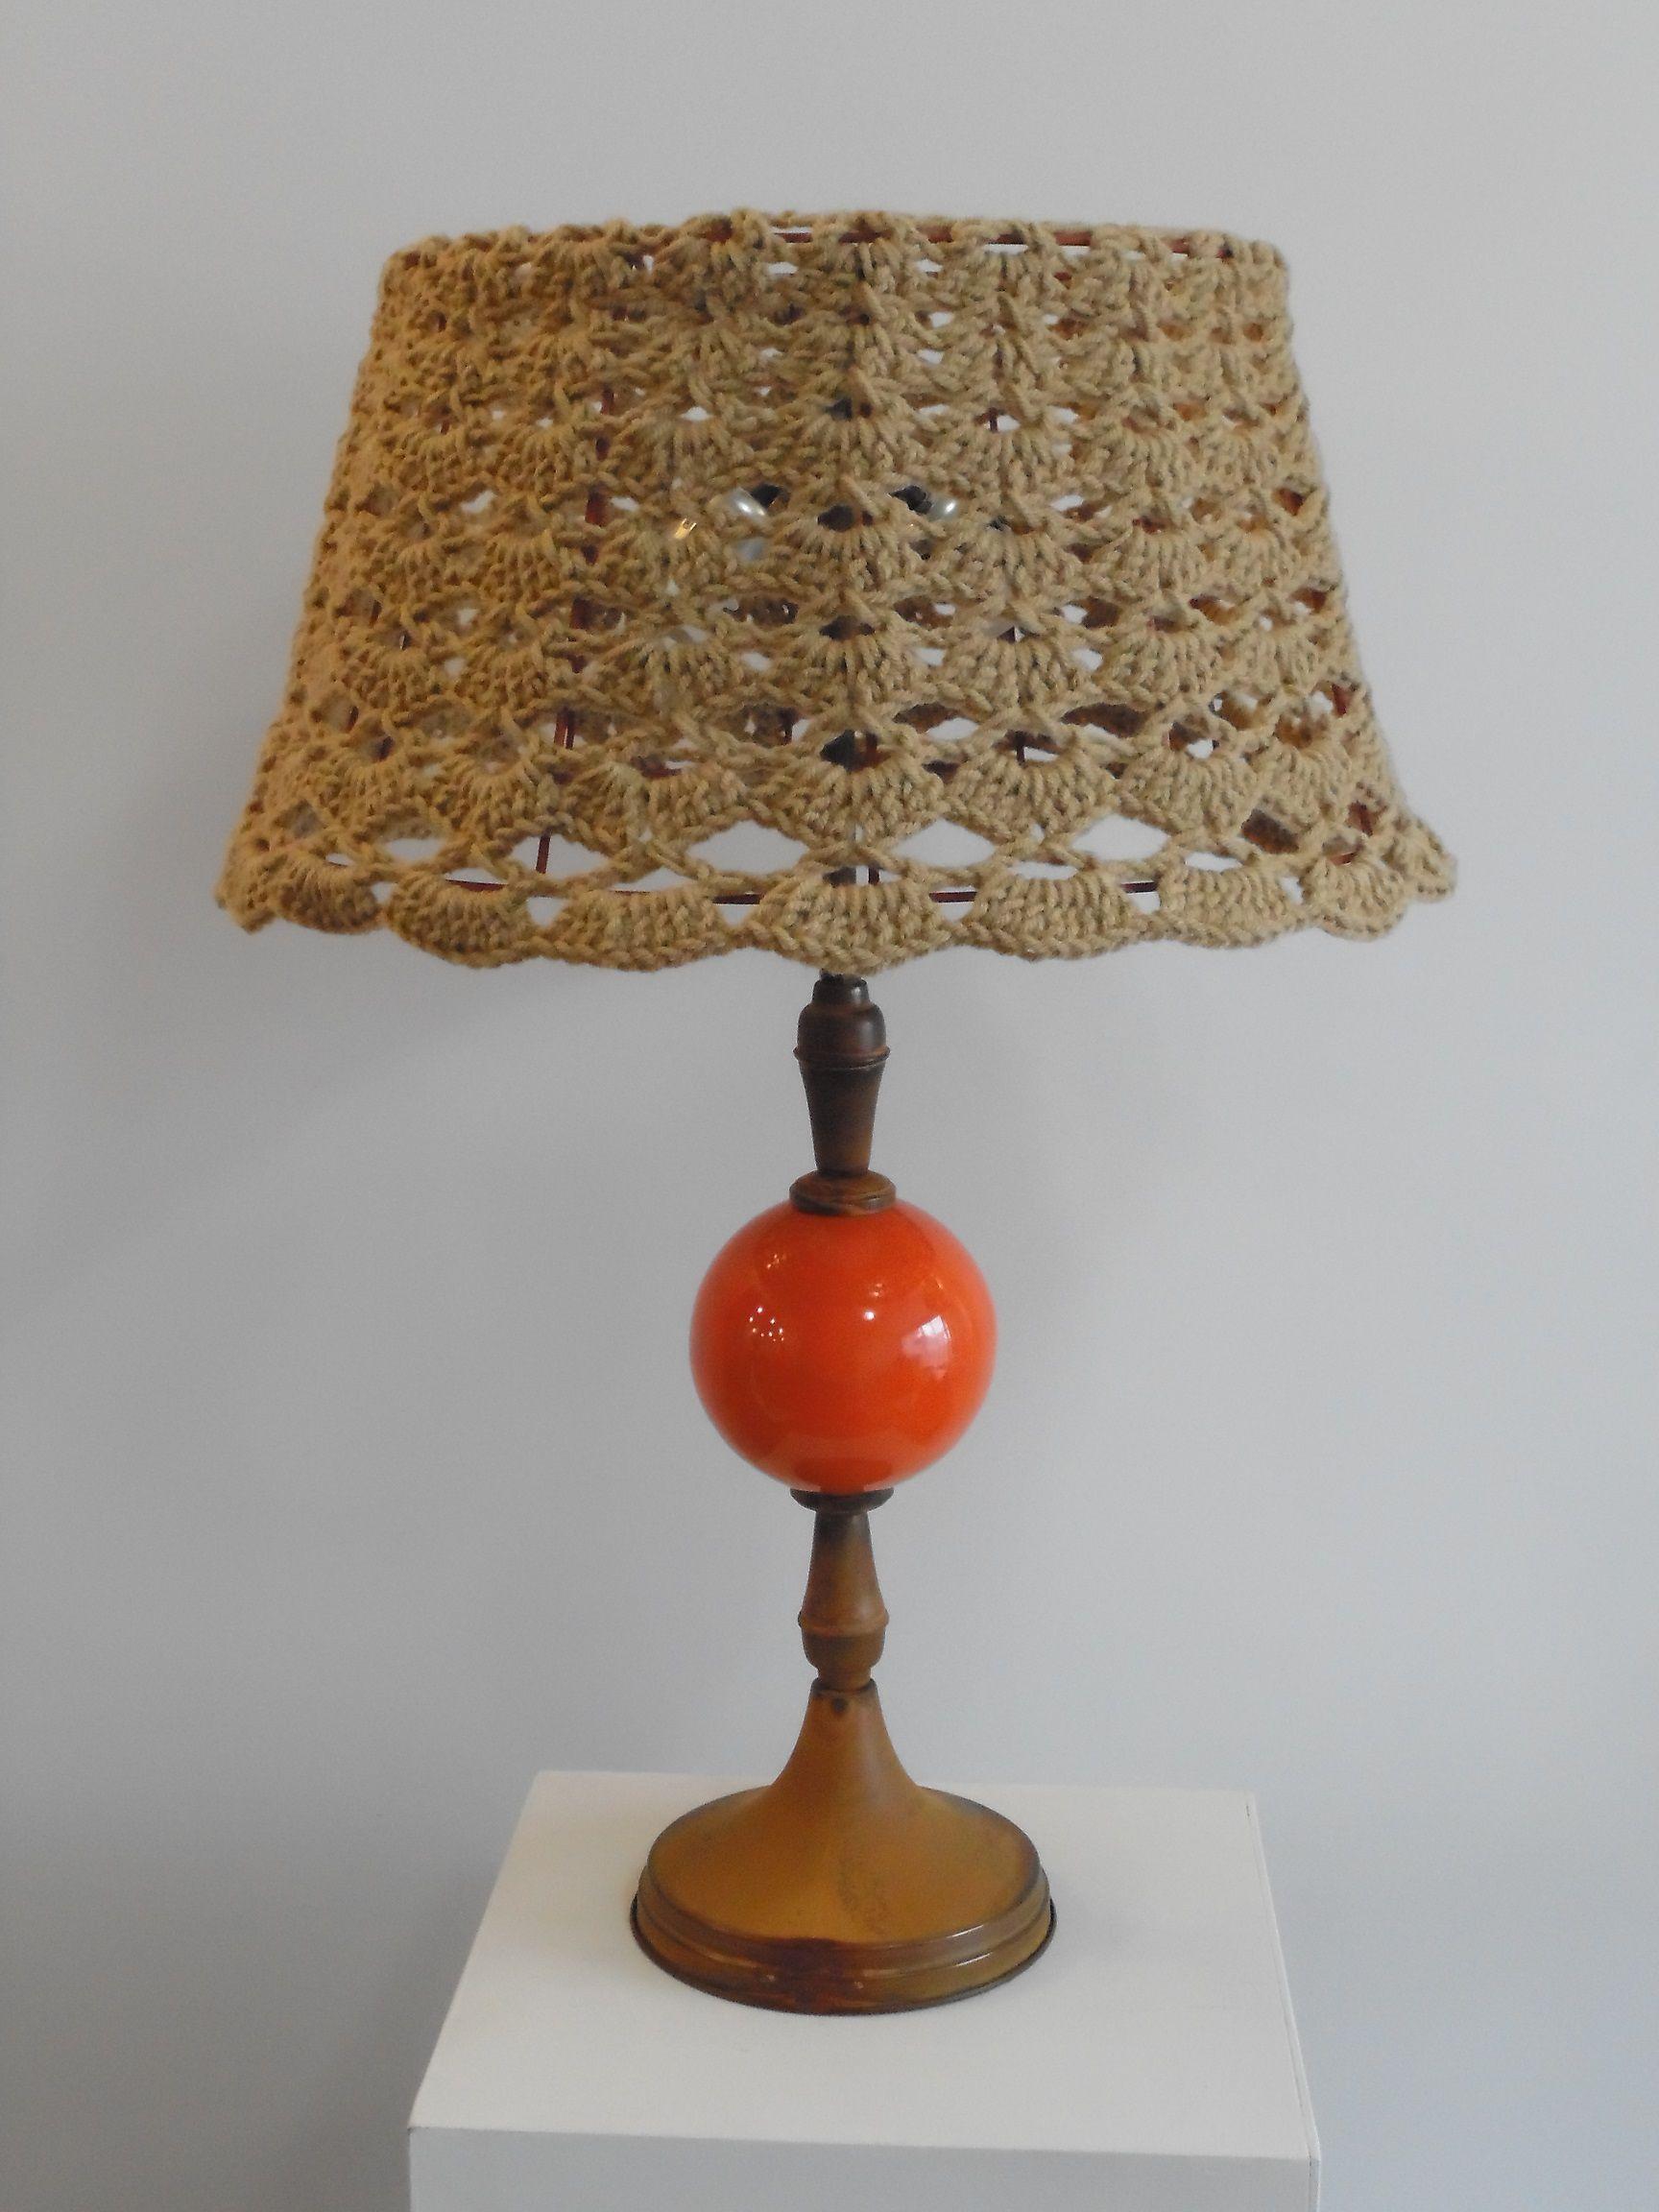 Pantallas Para Lamparas Al Crochet Buscar Con Google Lampara De Ganchillo Pantalla Para Lampara De Ganchillo Lamparas